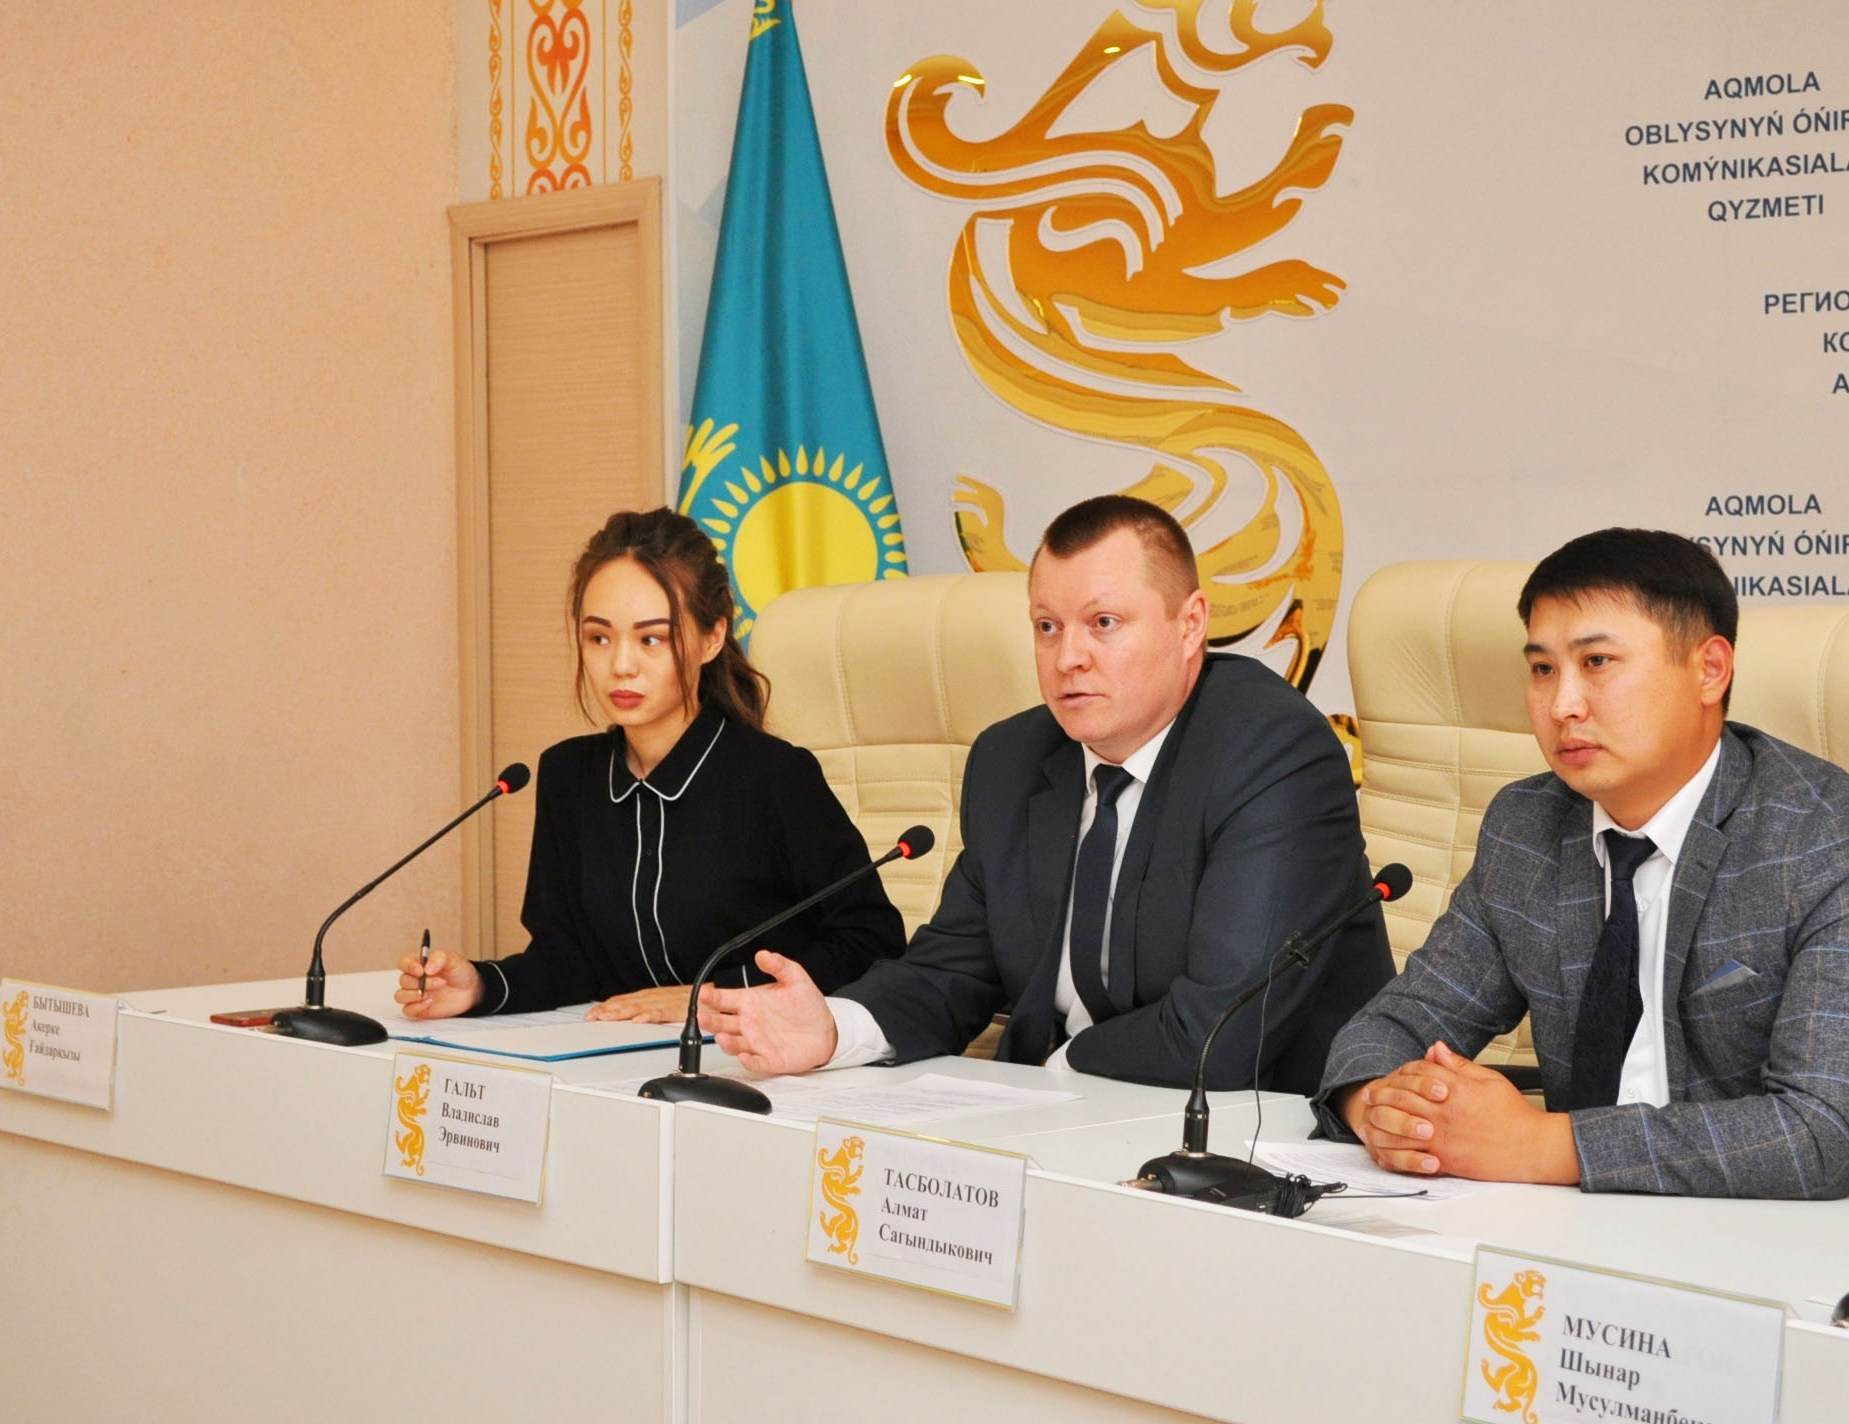 В Акмолинской области в результате осуществленных таможенных процедур выпущено 4500 деклараций на товары